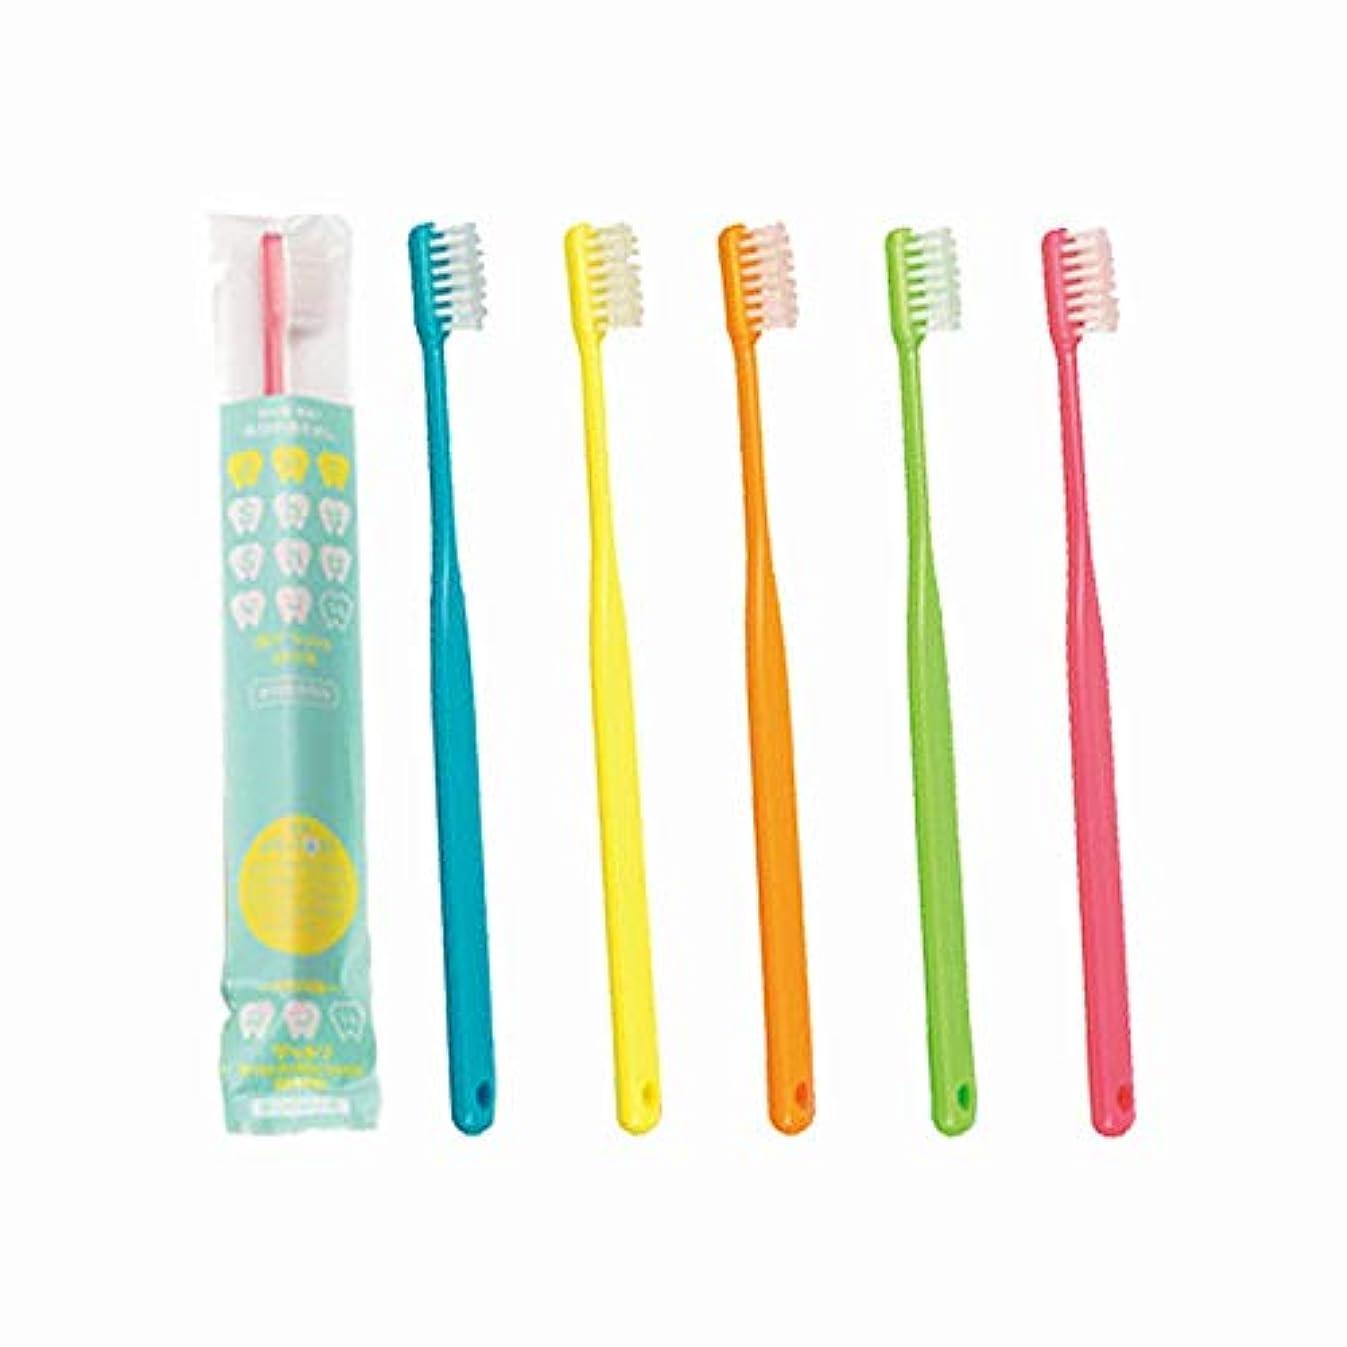 下スコアこどもの宮殿大人用歯ブラシ 歯科専売品 FEED(フィード) 占い!Shu Shu(うらないシュシュ)歯ブラシ×10本 (ふつう(M), 色はおまかせ)